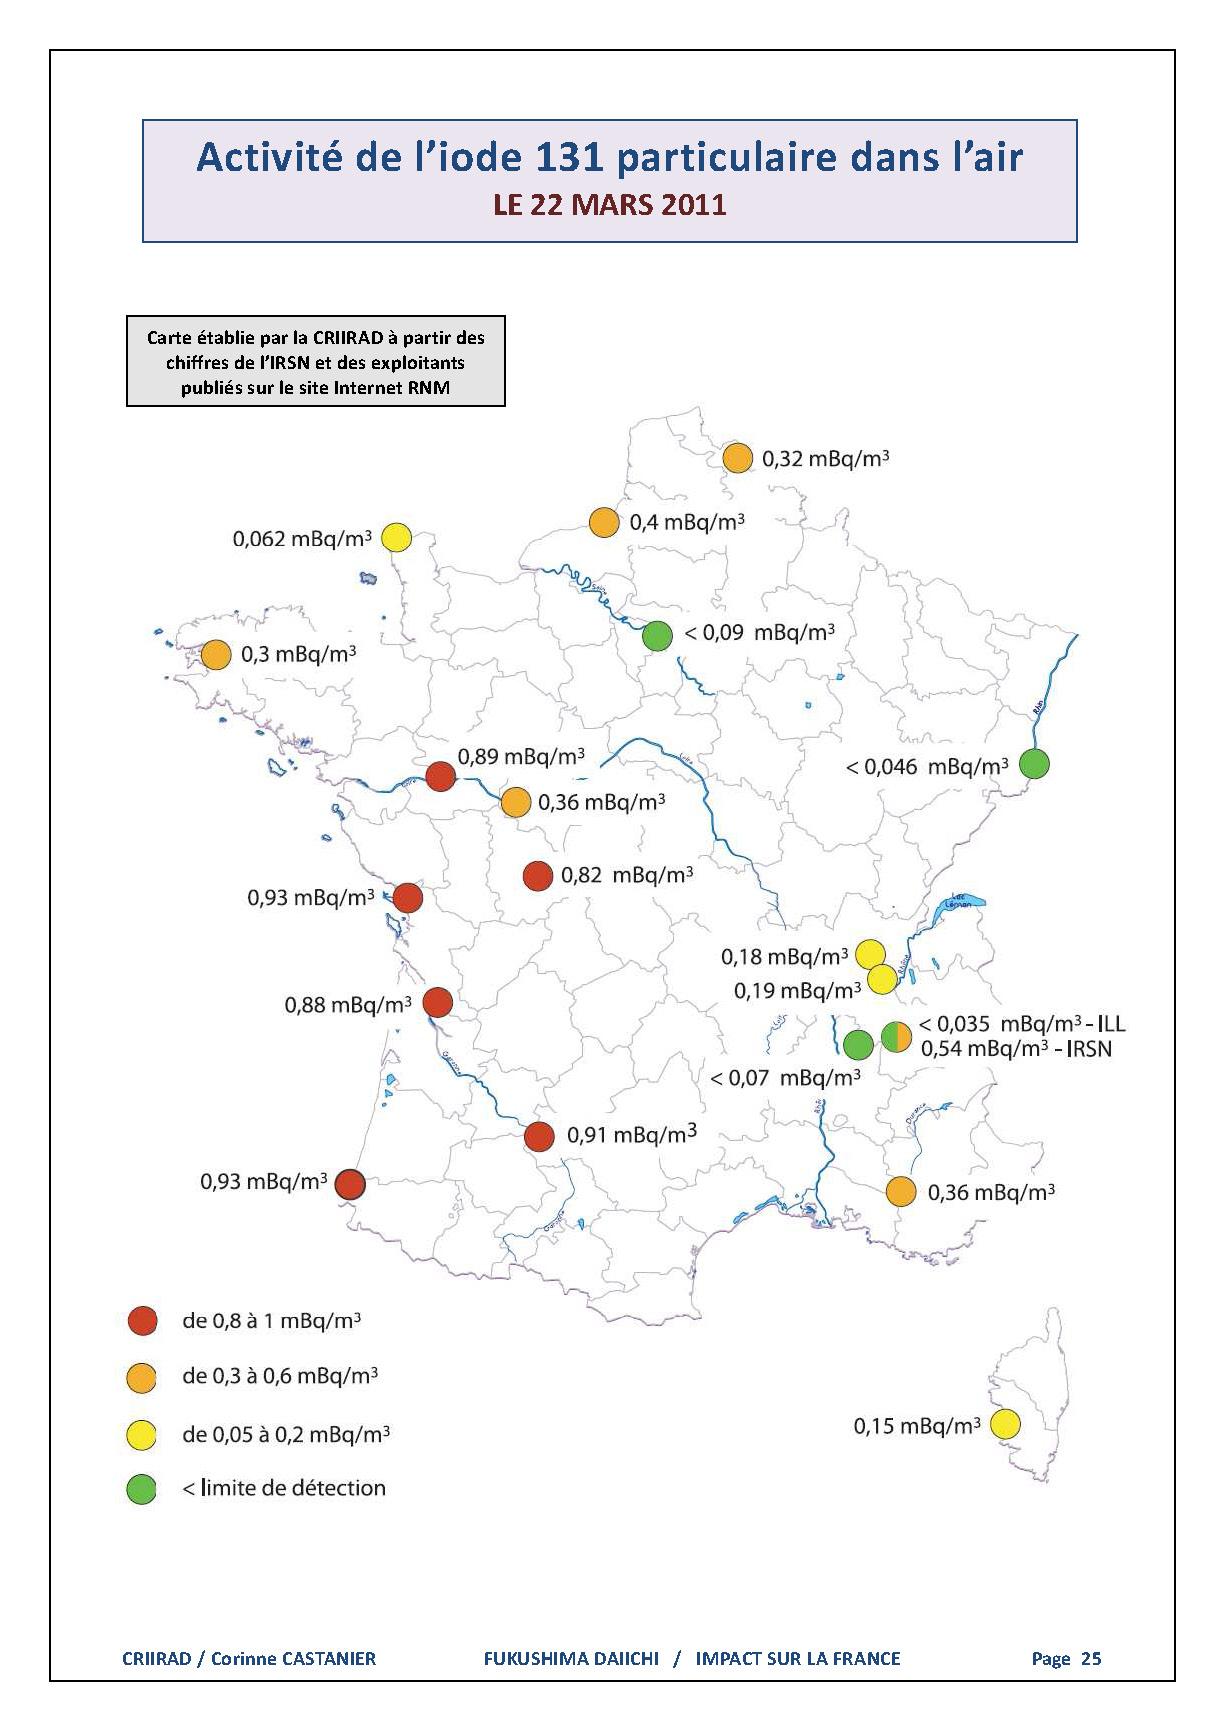 Important!! Annonce CRIIRAD sur la Radioactivité en France!!